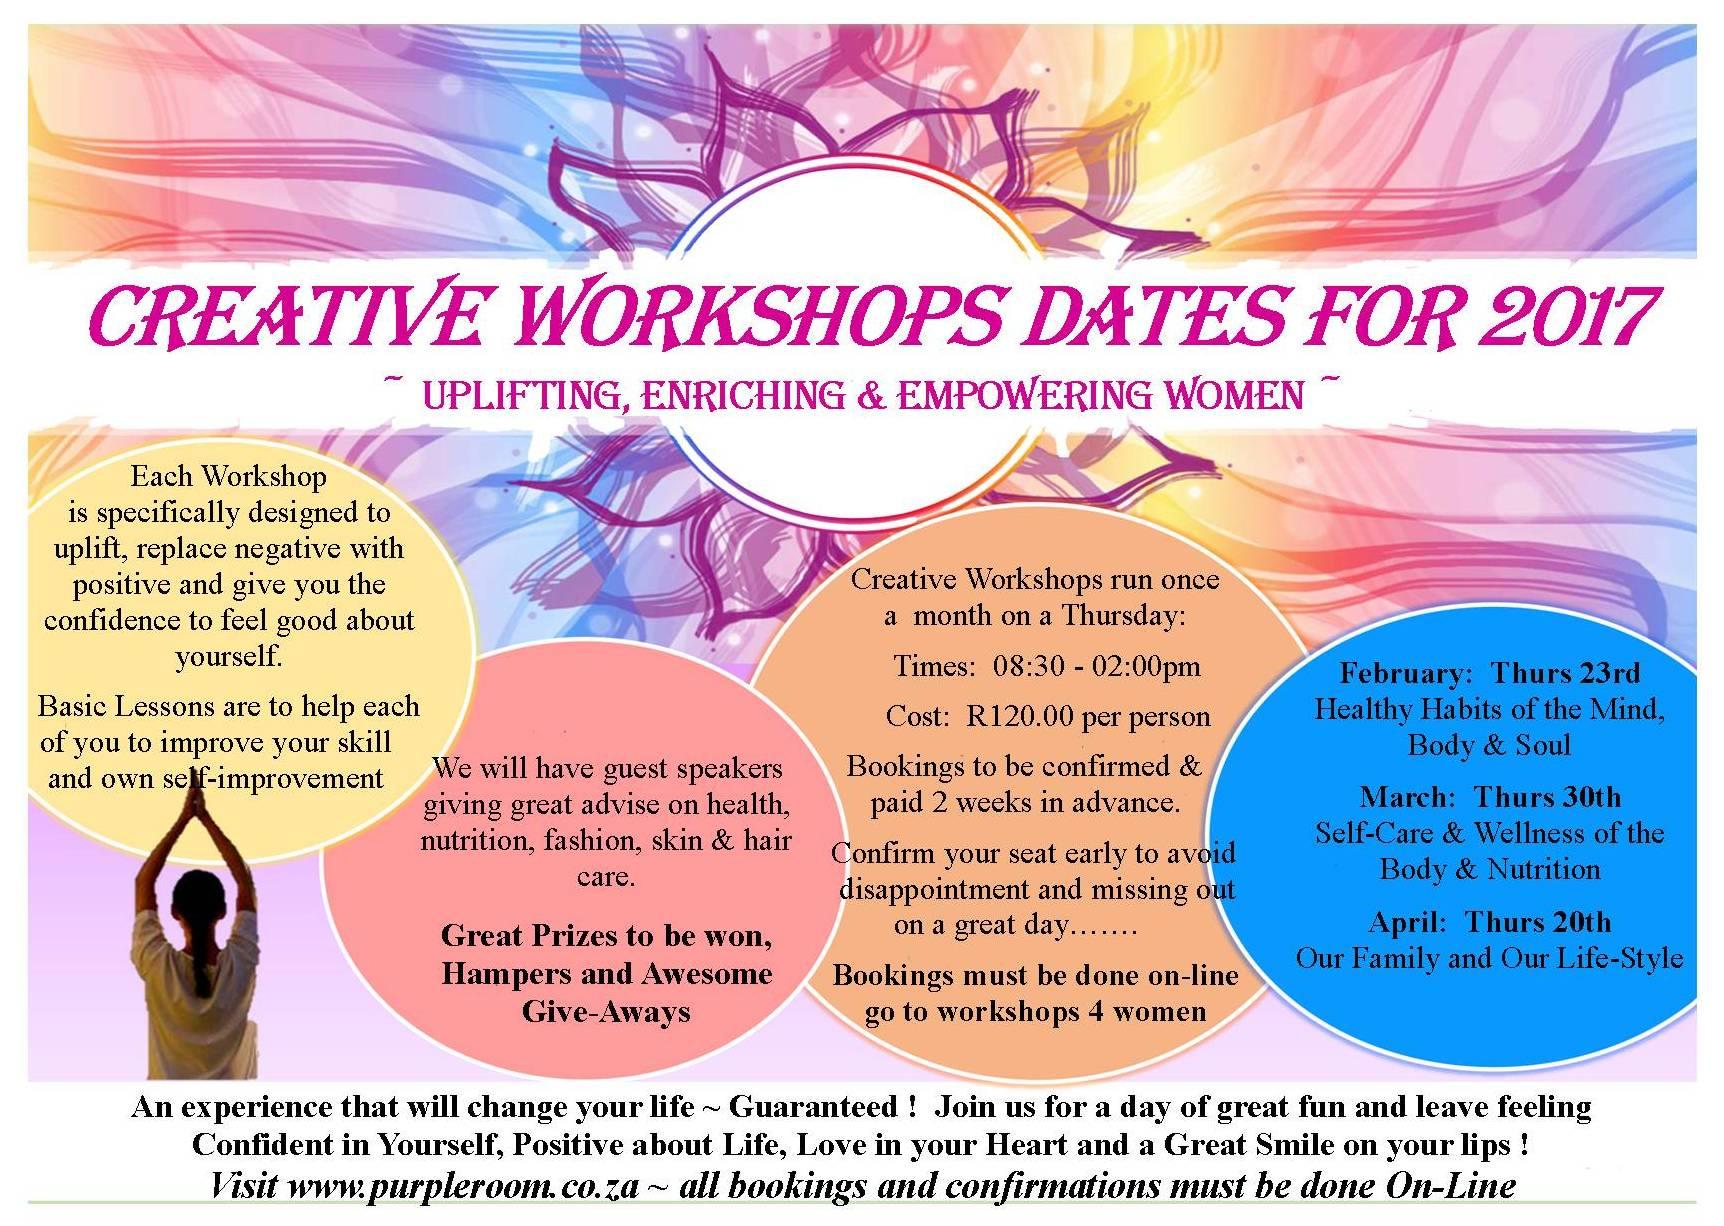 Creative Workshops 4 Women